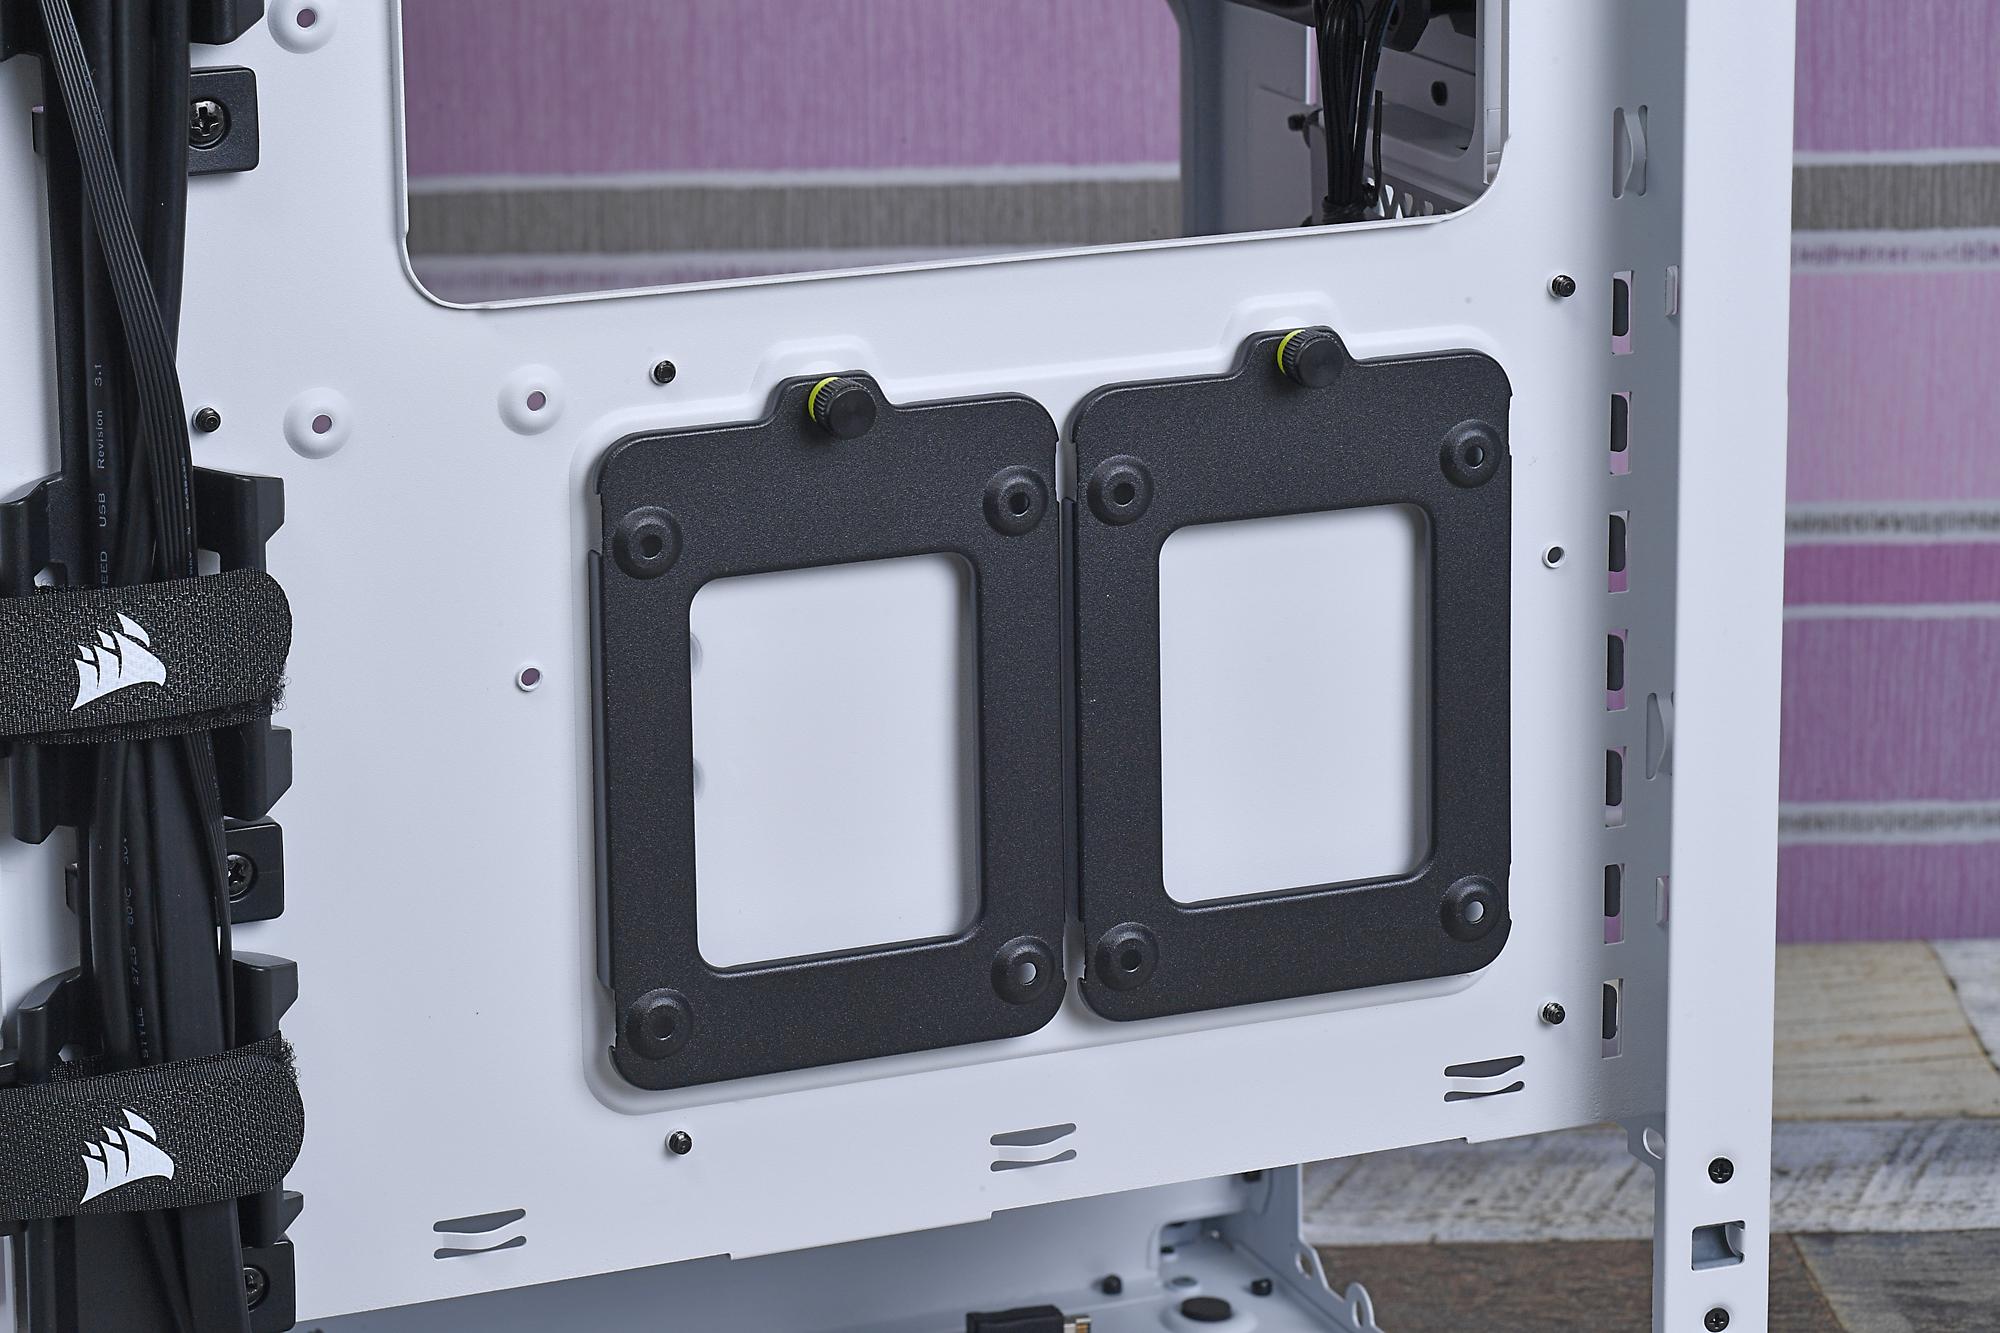 マザーボード裏面側には2.5インチドライブを設置可能なベイが備えられている。